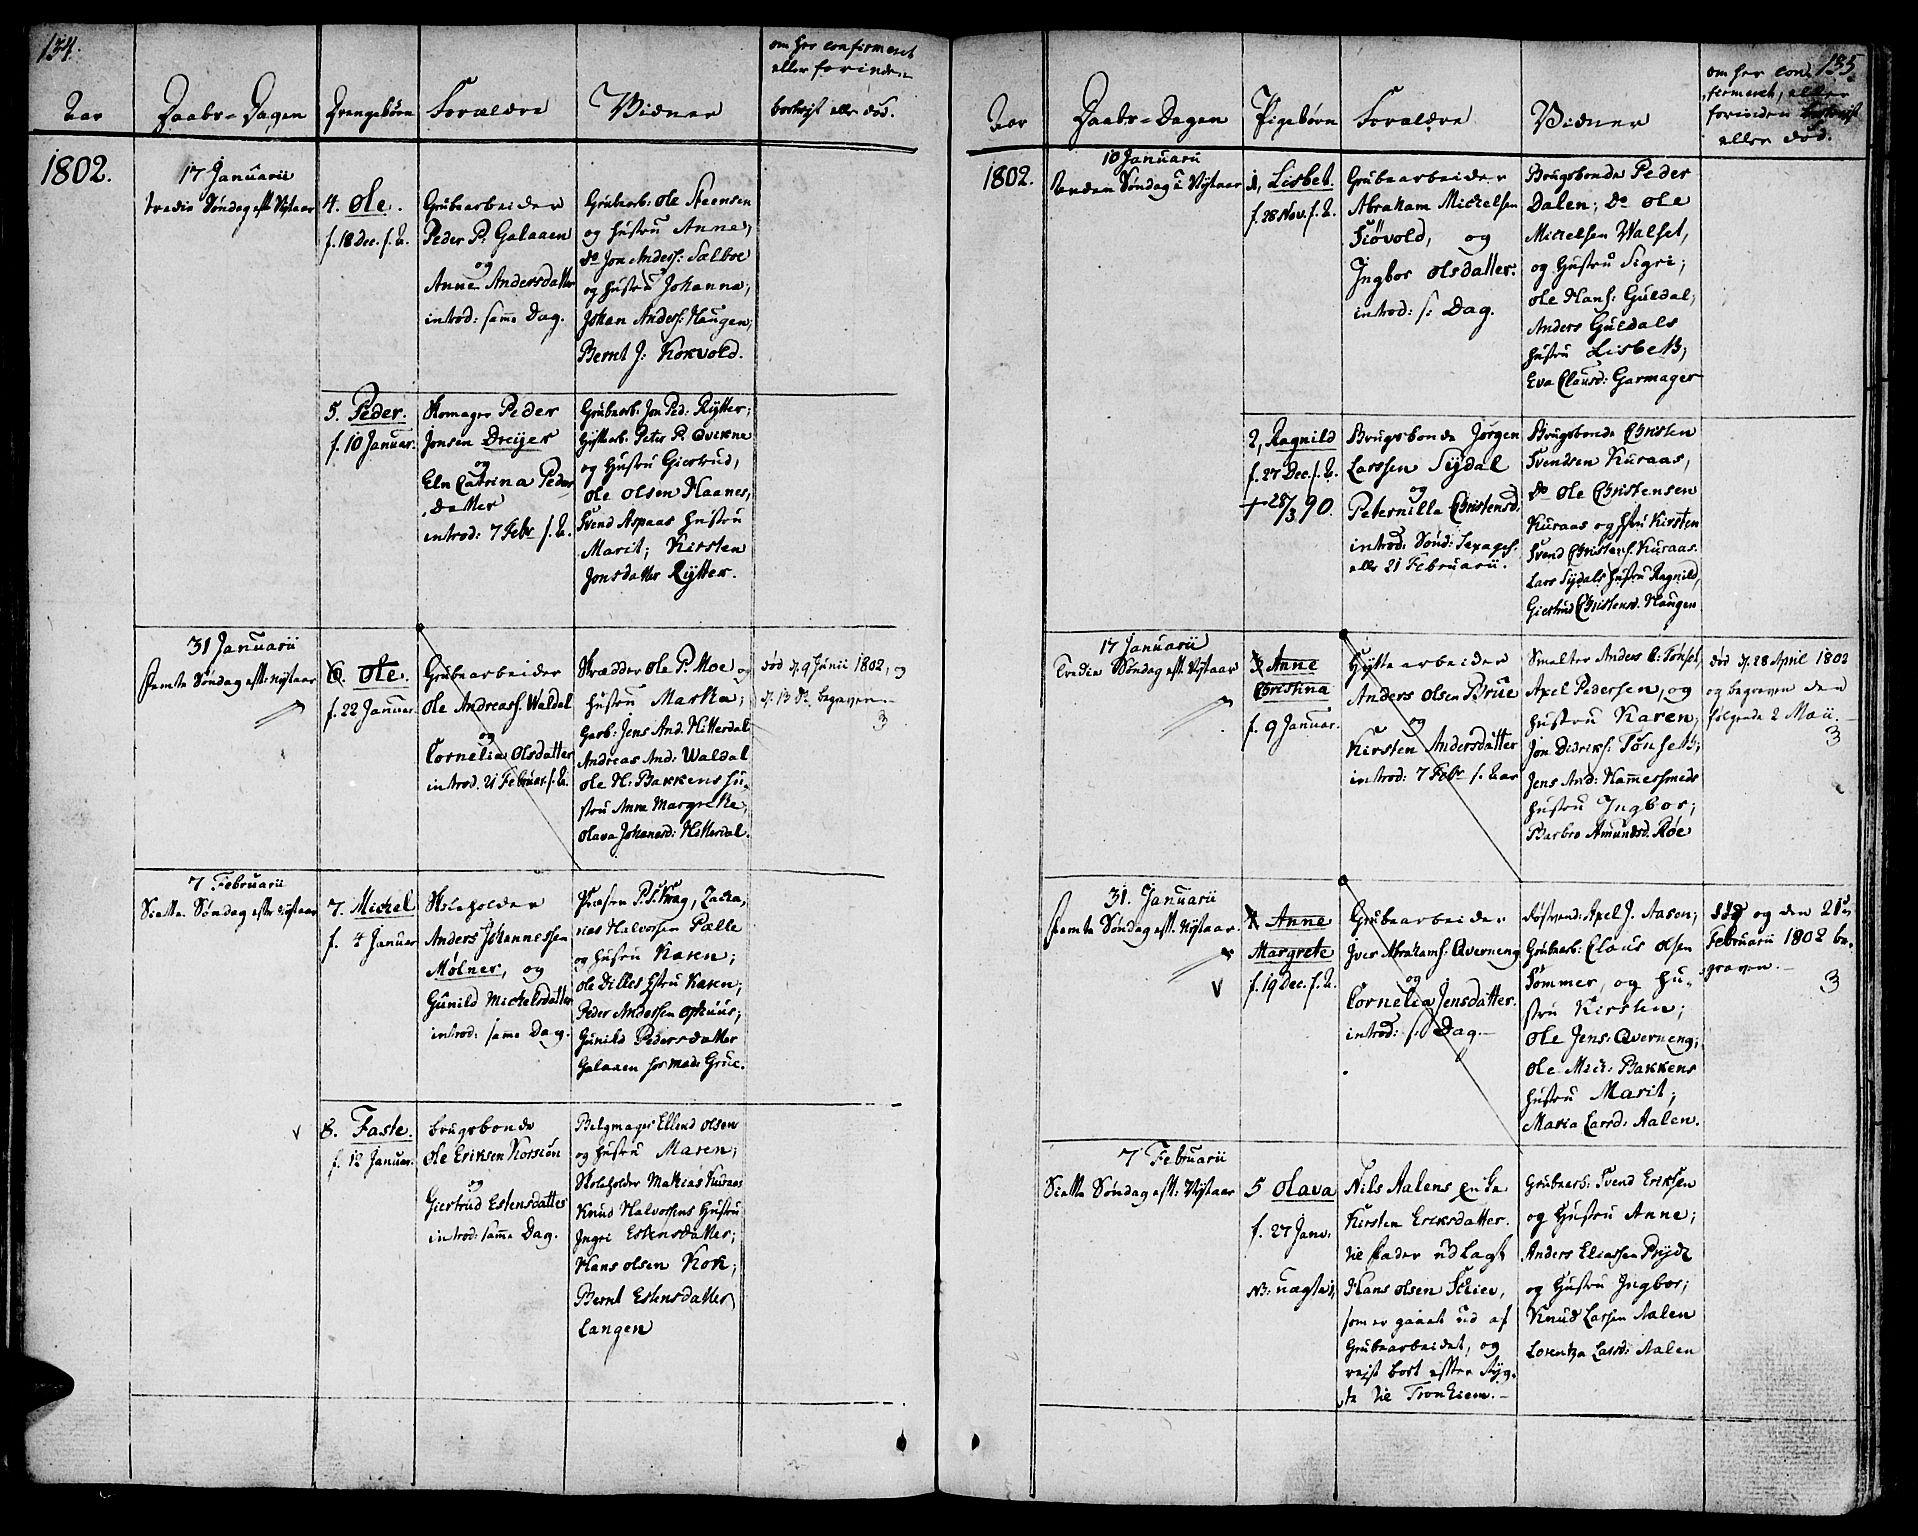 SAT, Ministerialprotokoller, klokkerbøker og fødselsregistre - Sør-Trøndelag, 681/L0927: Ministerialbok nr. 681A05, 1798-1808, s. 134-135